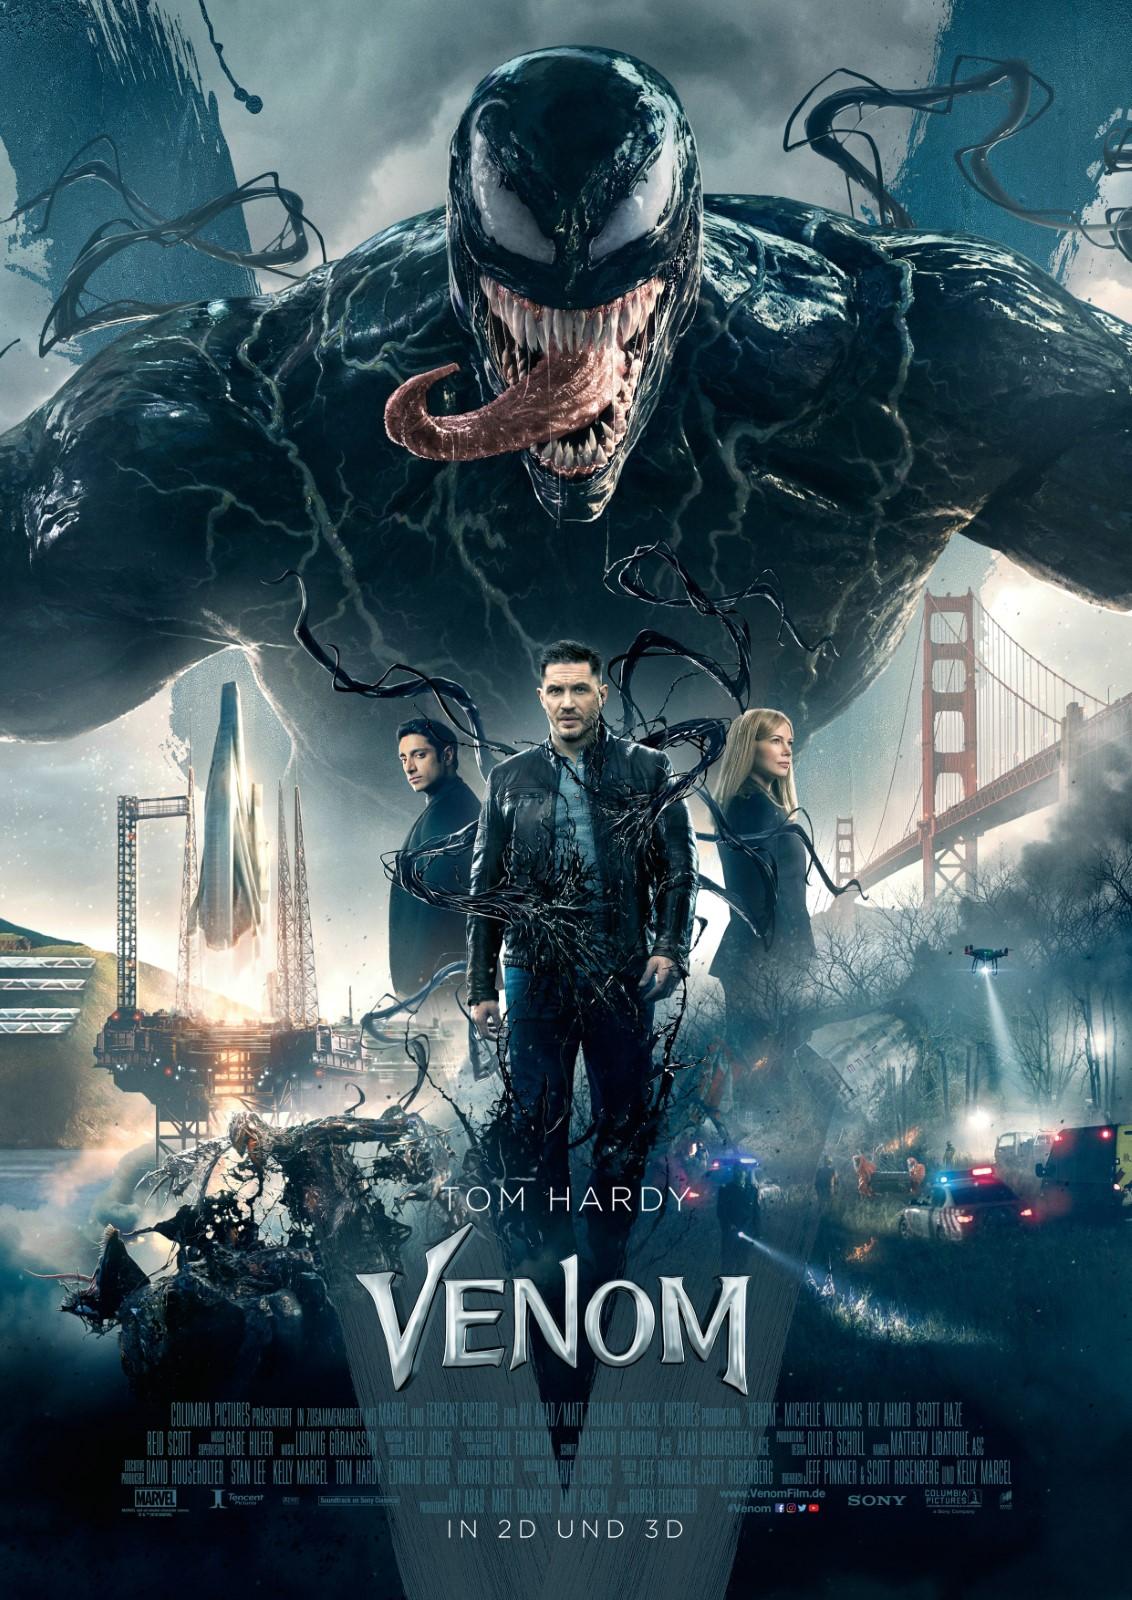 venom - film 2018 - filmstarts.de